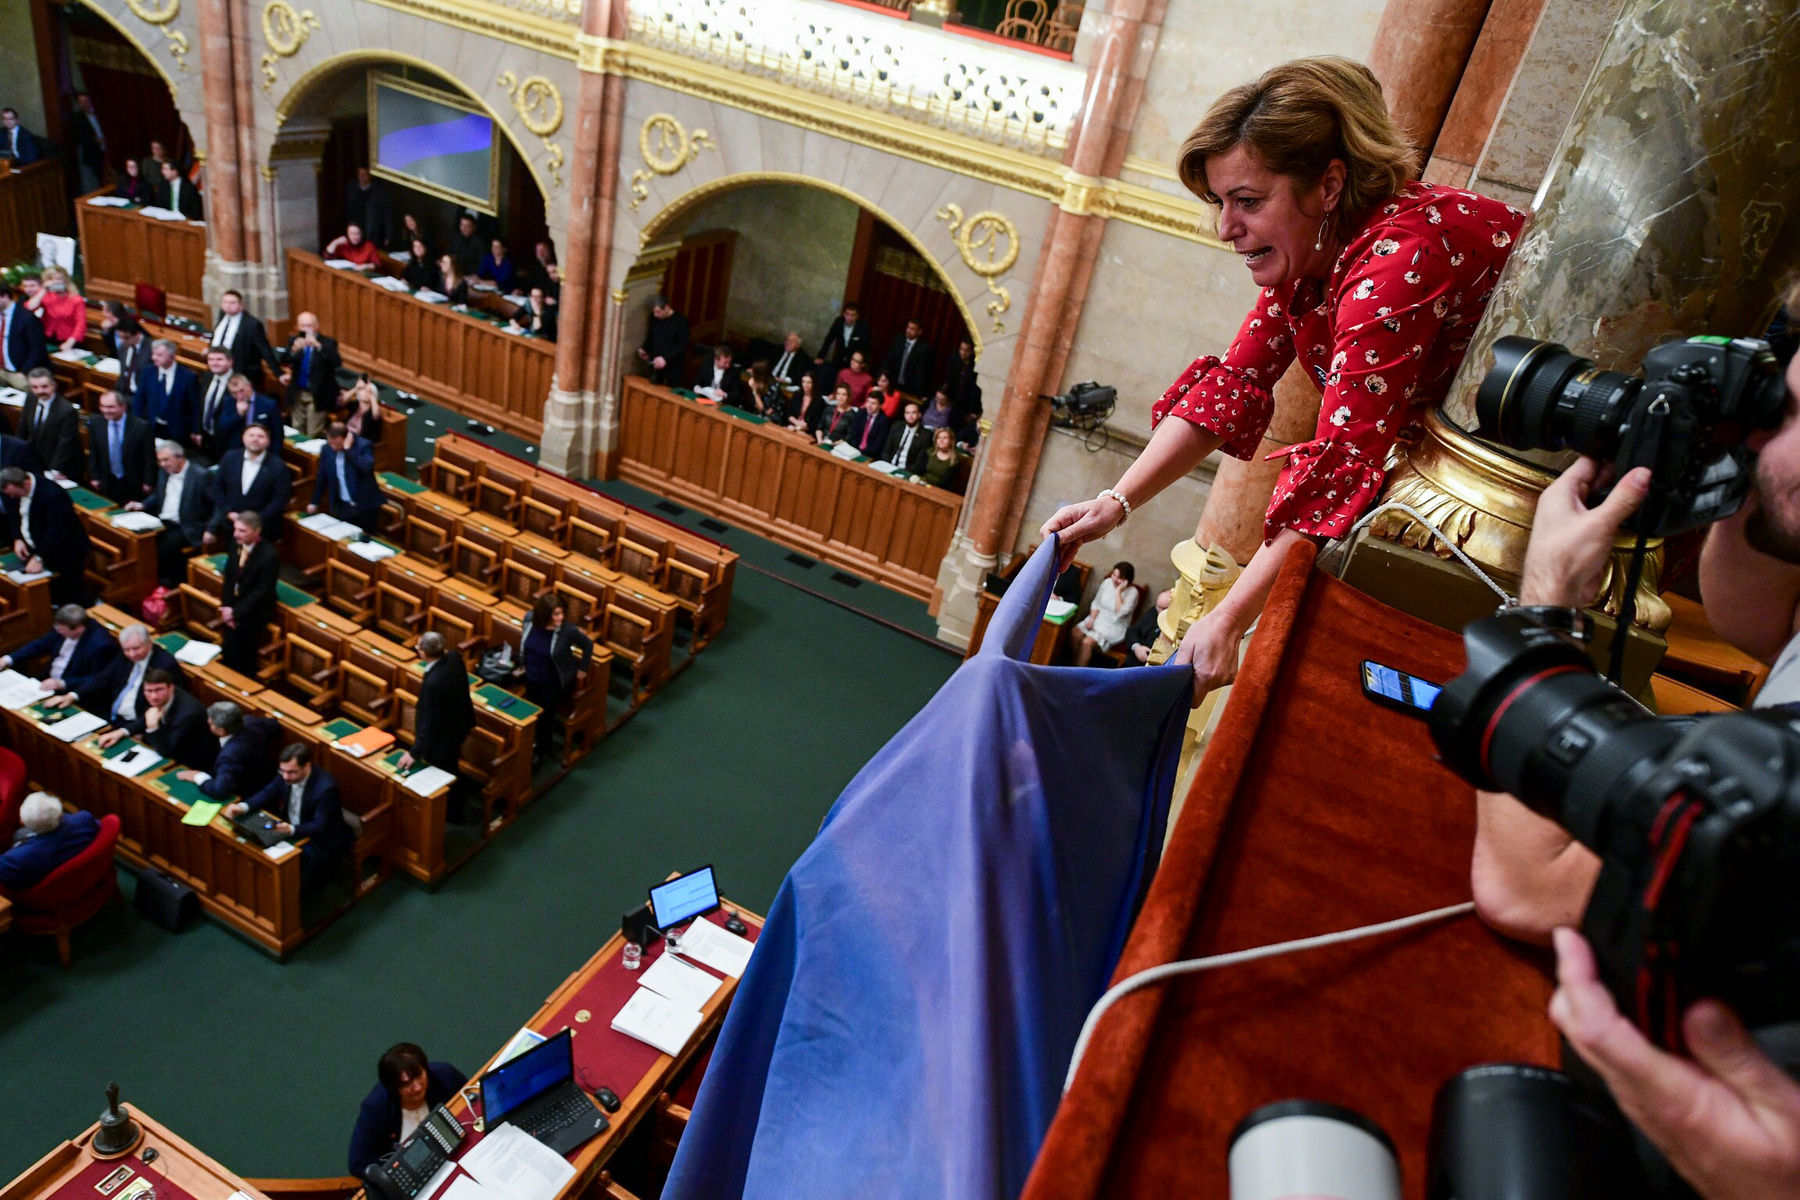 Az ellenzék akkor vonult be ismét a terembe, amikor a túlóratörvényről kezdődött a szavazás. Elénekelték a Himnuszt, a fideszesek csatlakoztak az énekléshez, ám ezután folytatódott a szavazás, és a parlament 130 igen, 52 nem szavazttal és 1 tartózkodással elfogadta Kósa Lajos javaslatát a 400 túlóráról.